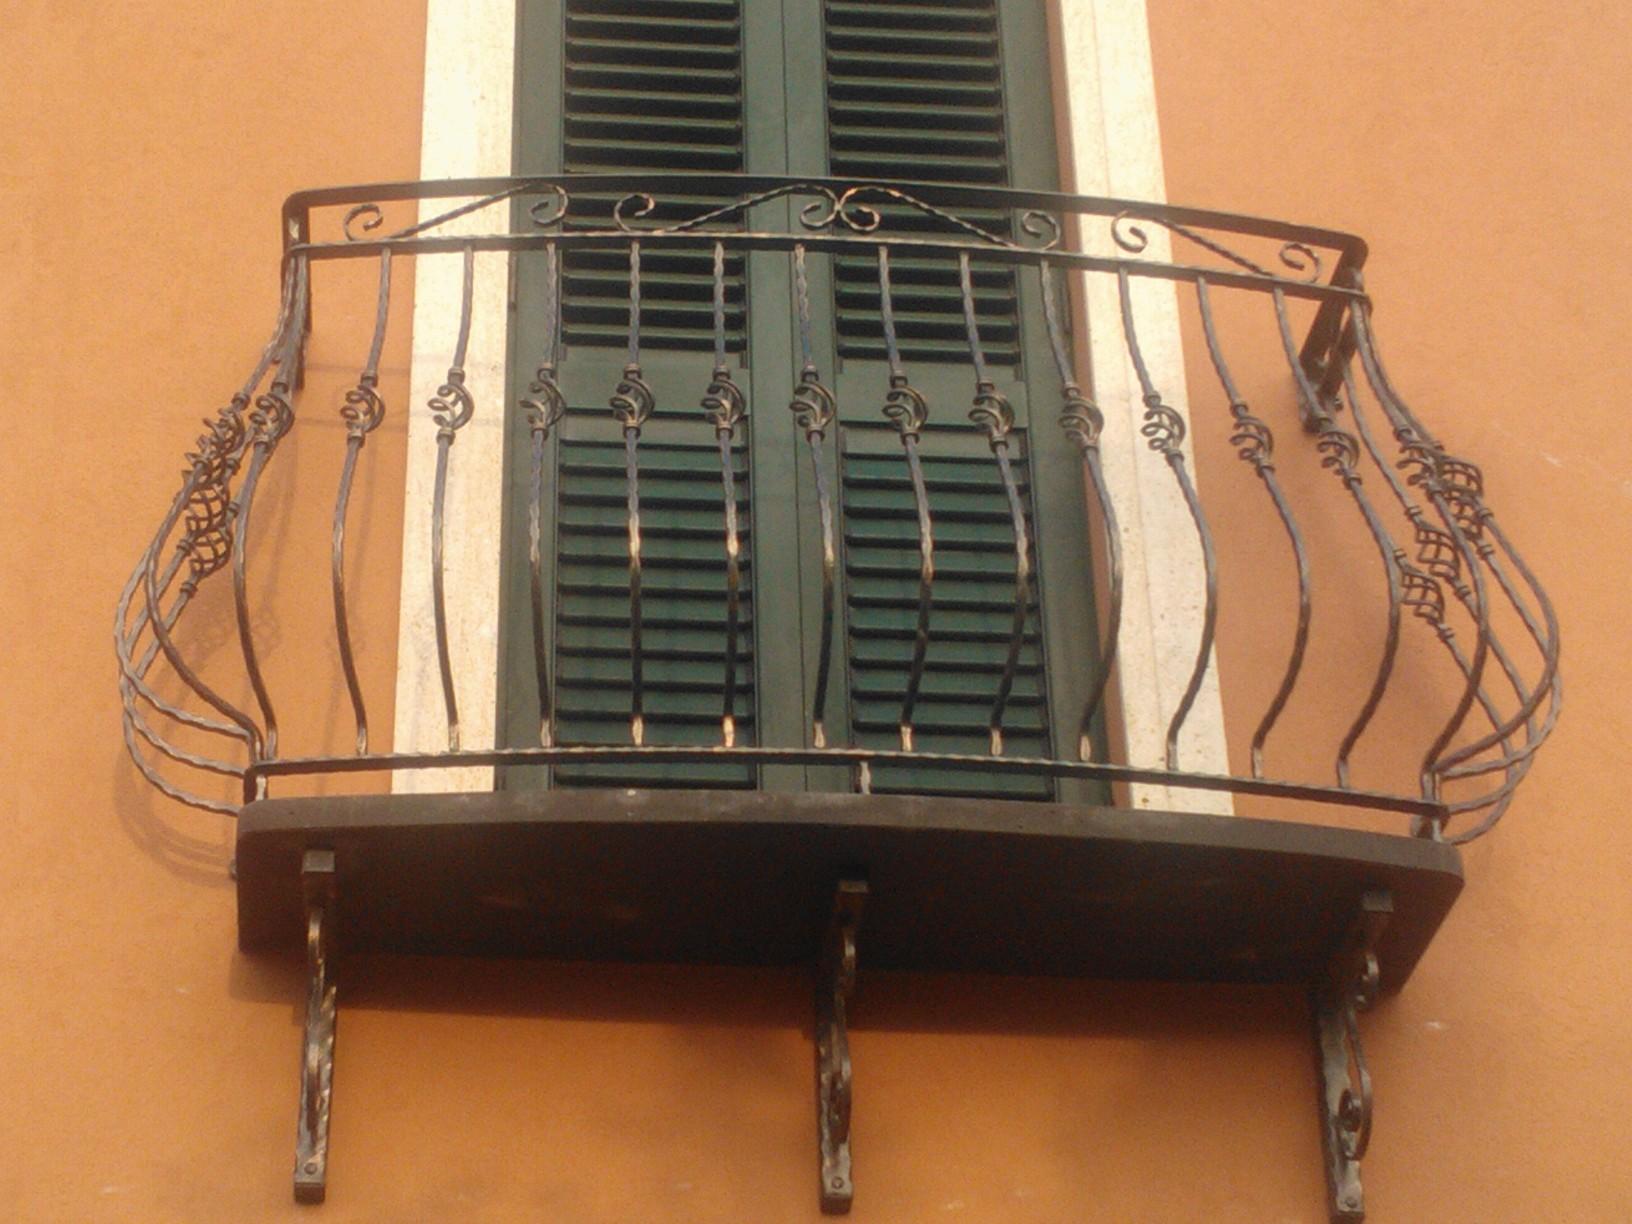 F.LLI CORONA INFISSI | Produzione serramenti e infissi  San Vero Milis Oristano